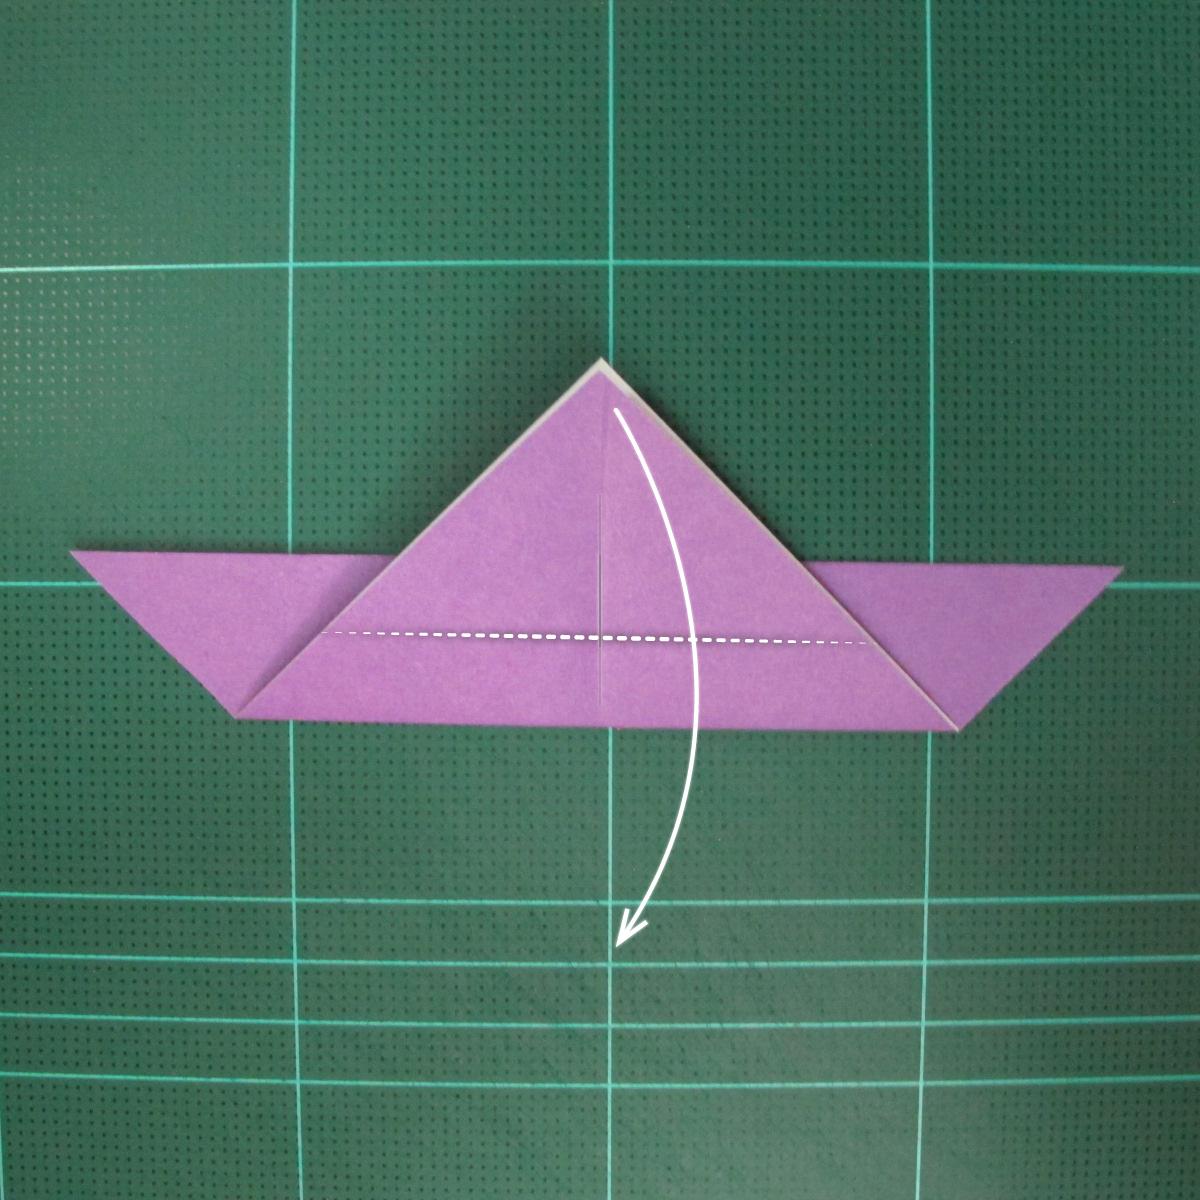 วิธีพับกระดาษเป็นนกพิราบแบบง่าย (Easy Origami Pigeon) 006